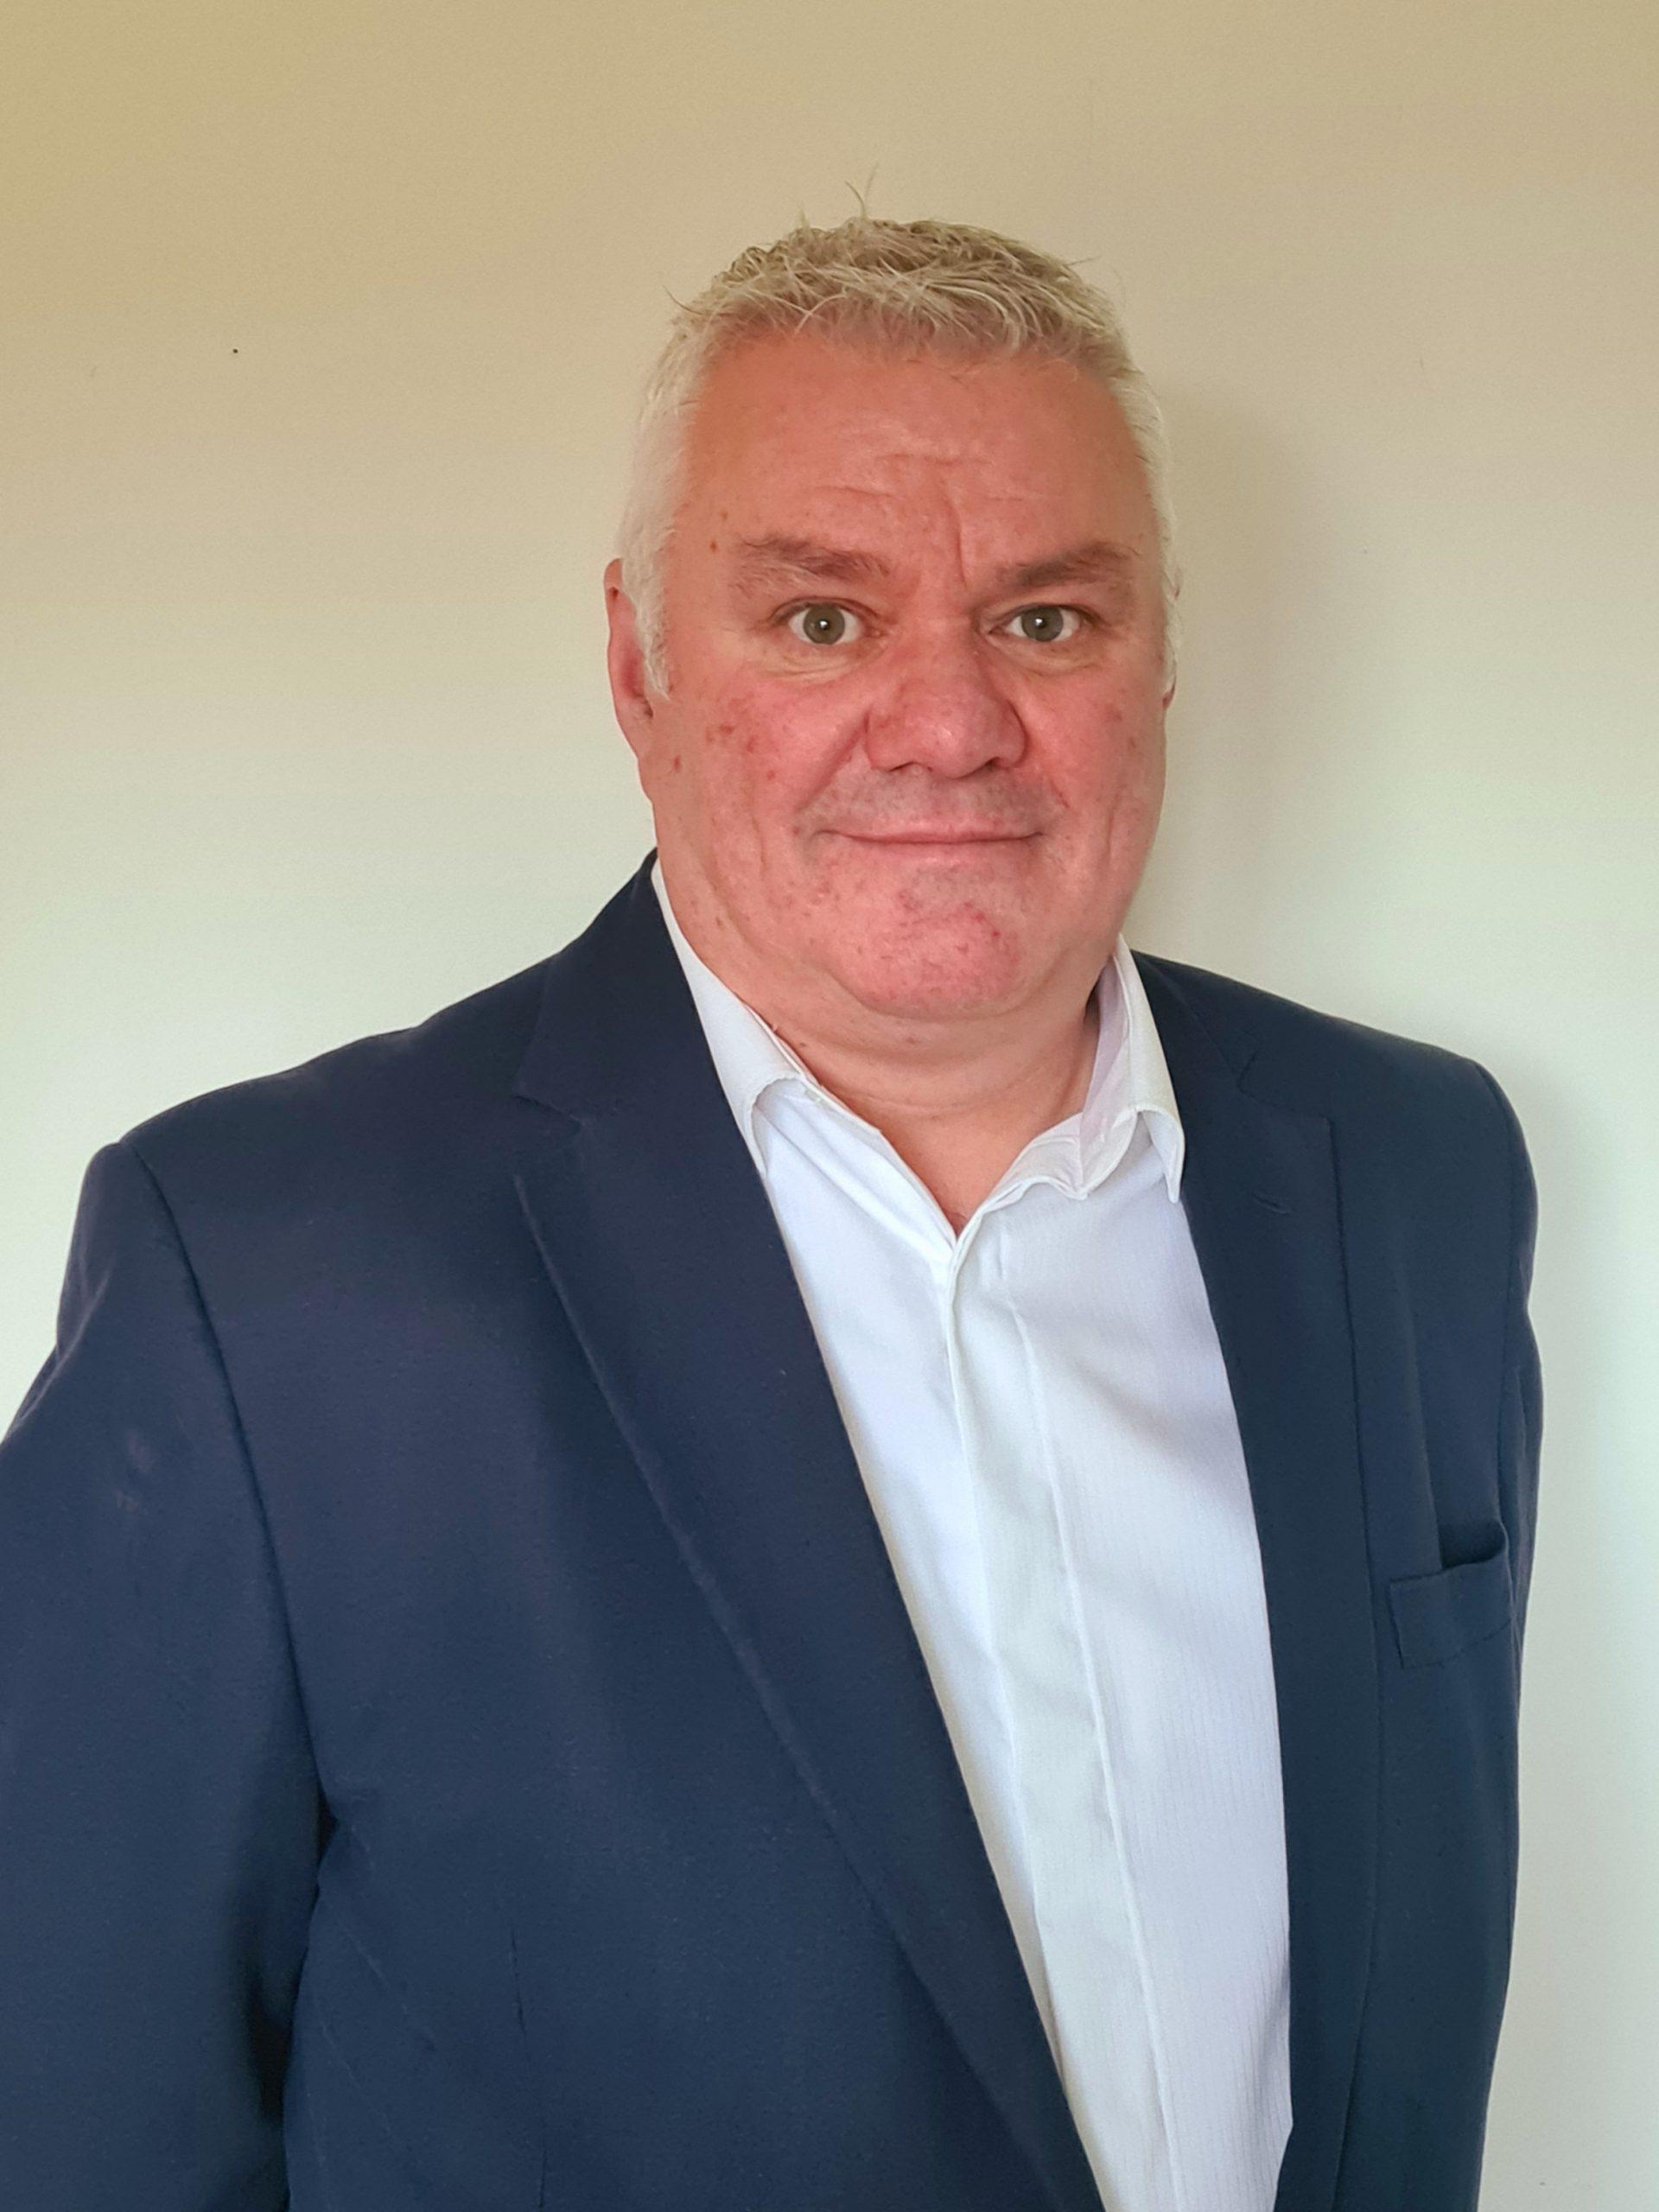 Steve Mcunulty